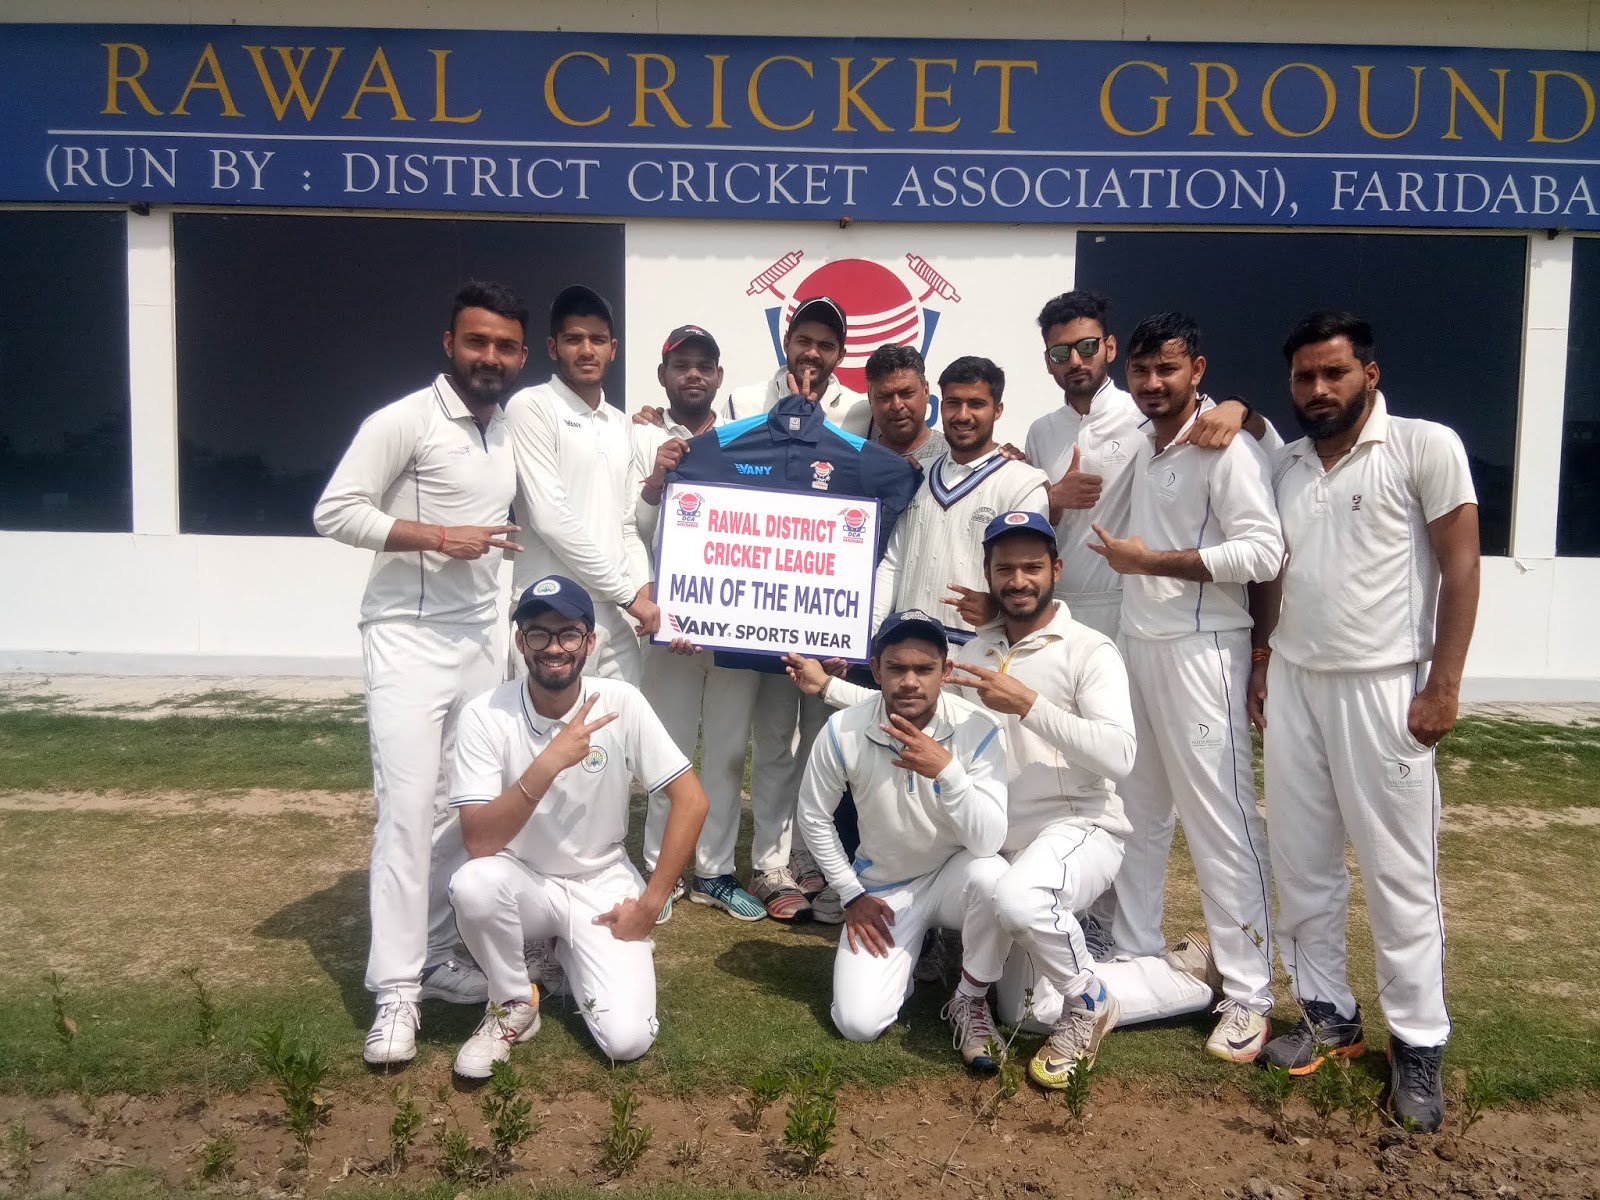 डिलाइट क्रिकेट क्लब ने मेवात अरावली क्रिकेट एसोसिएशन  को 18 रन से हराया